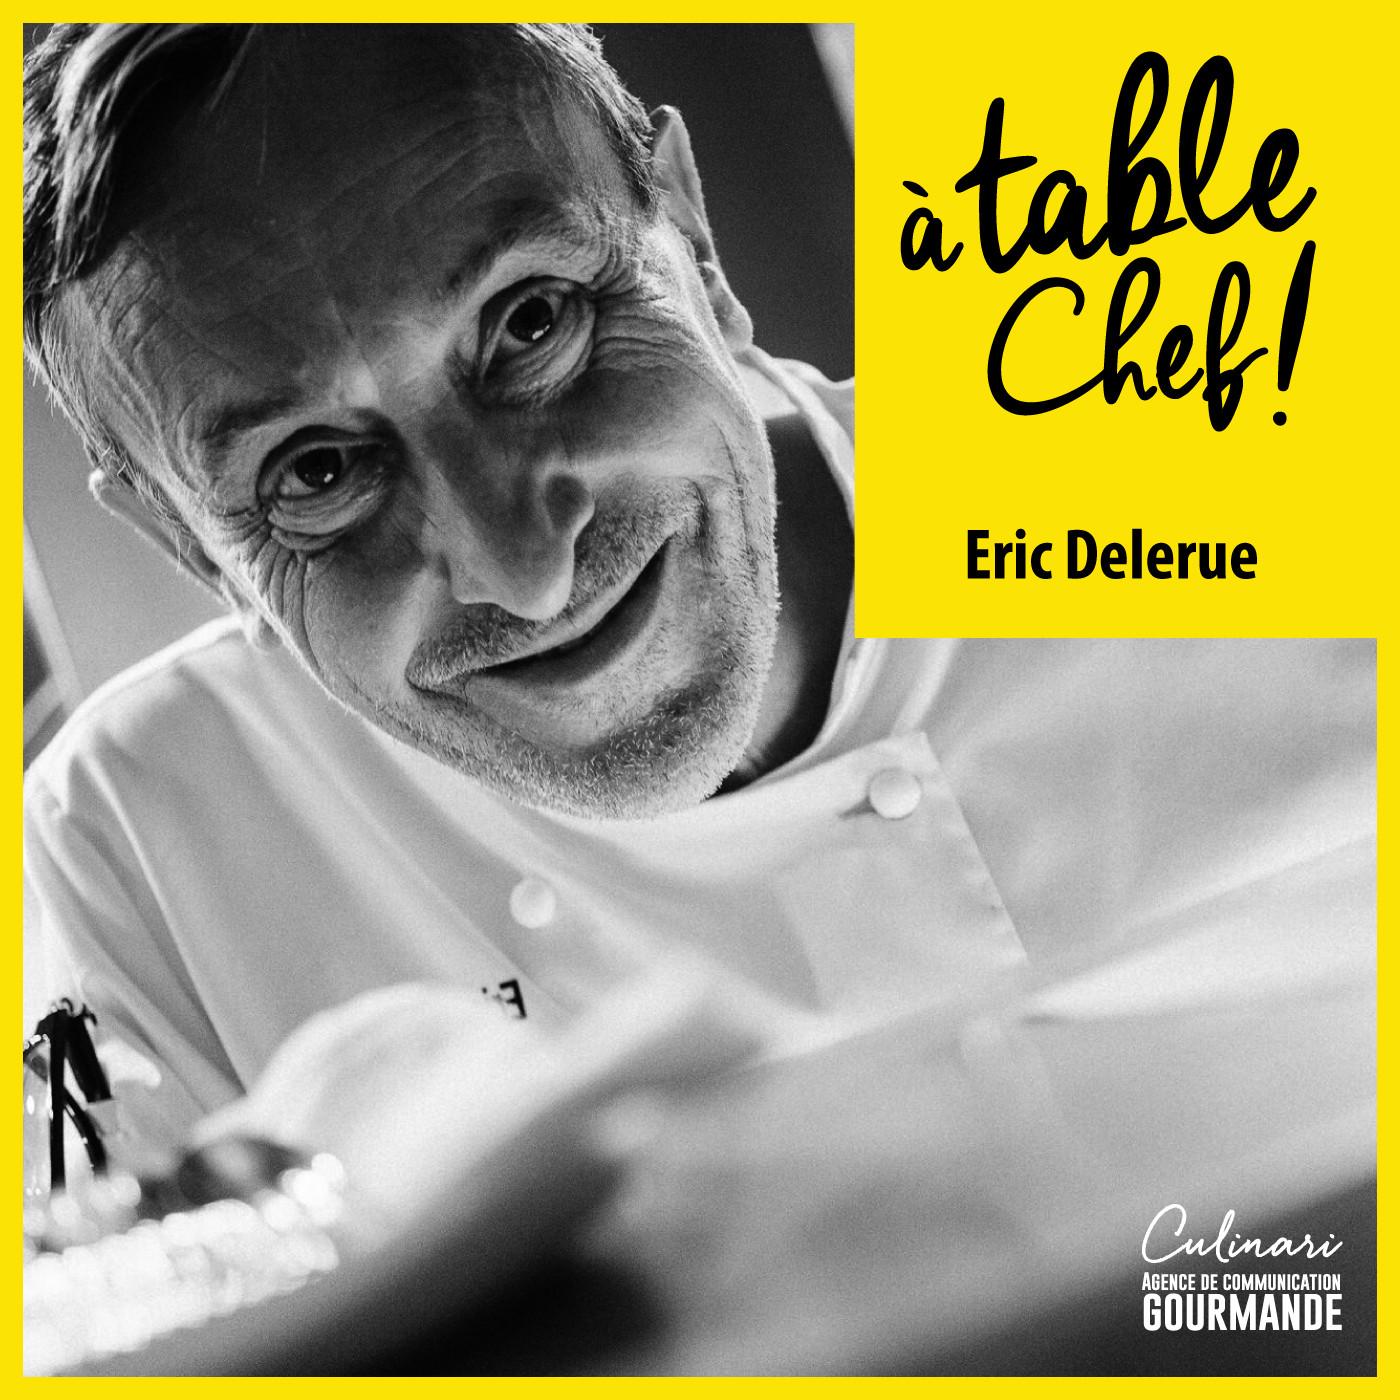 Chef Eric Delerue